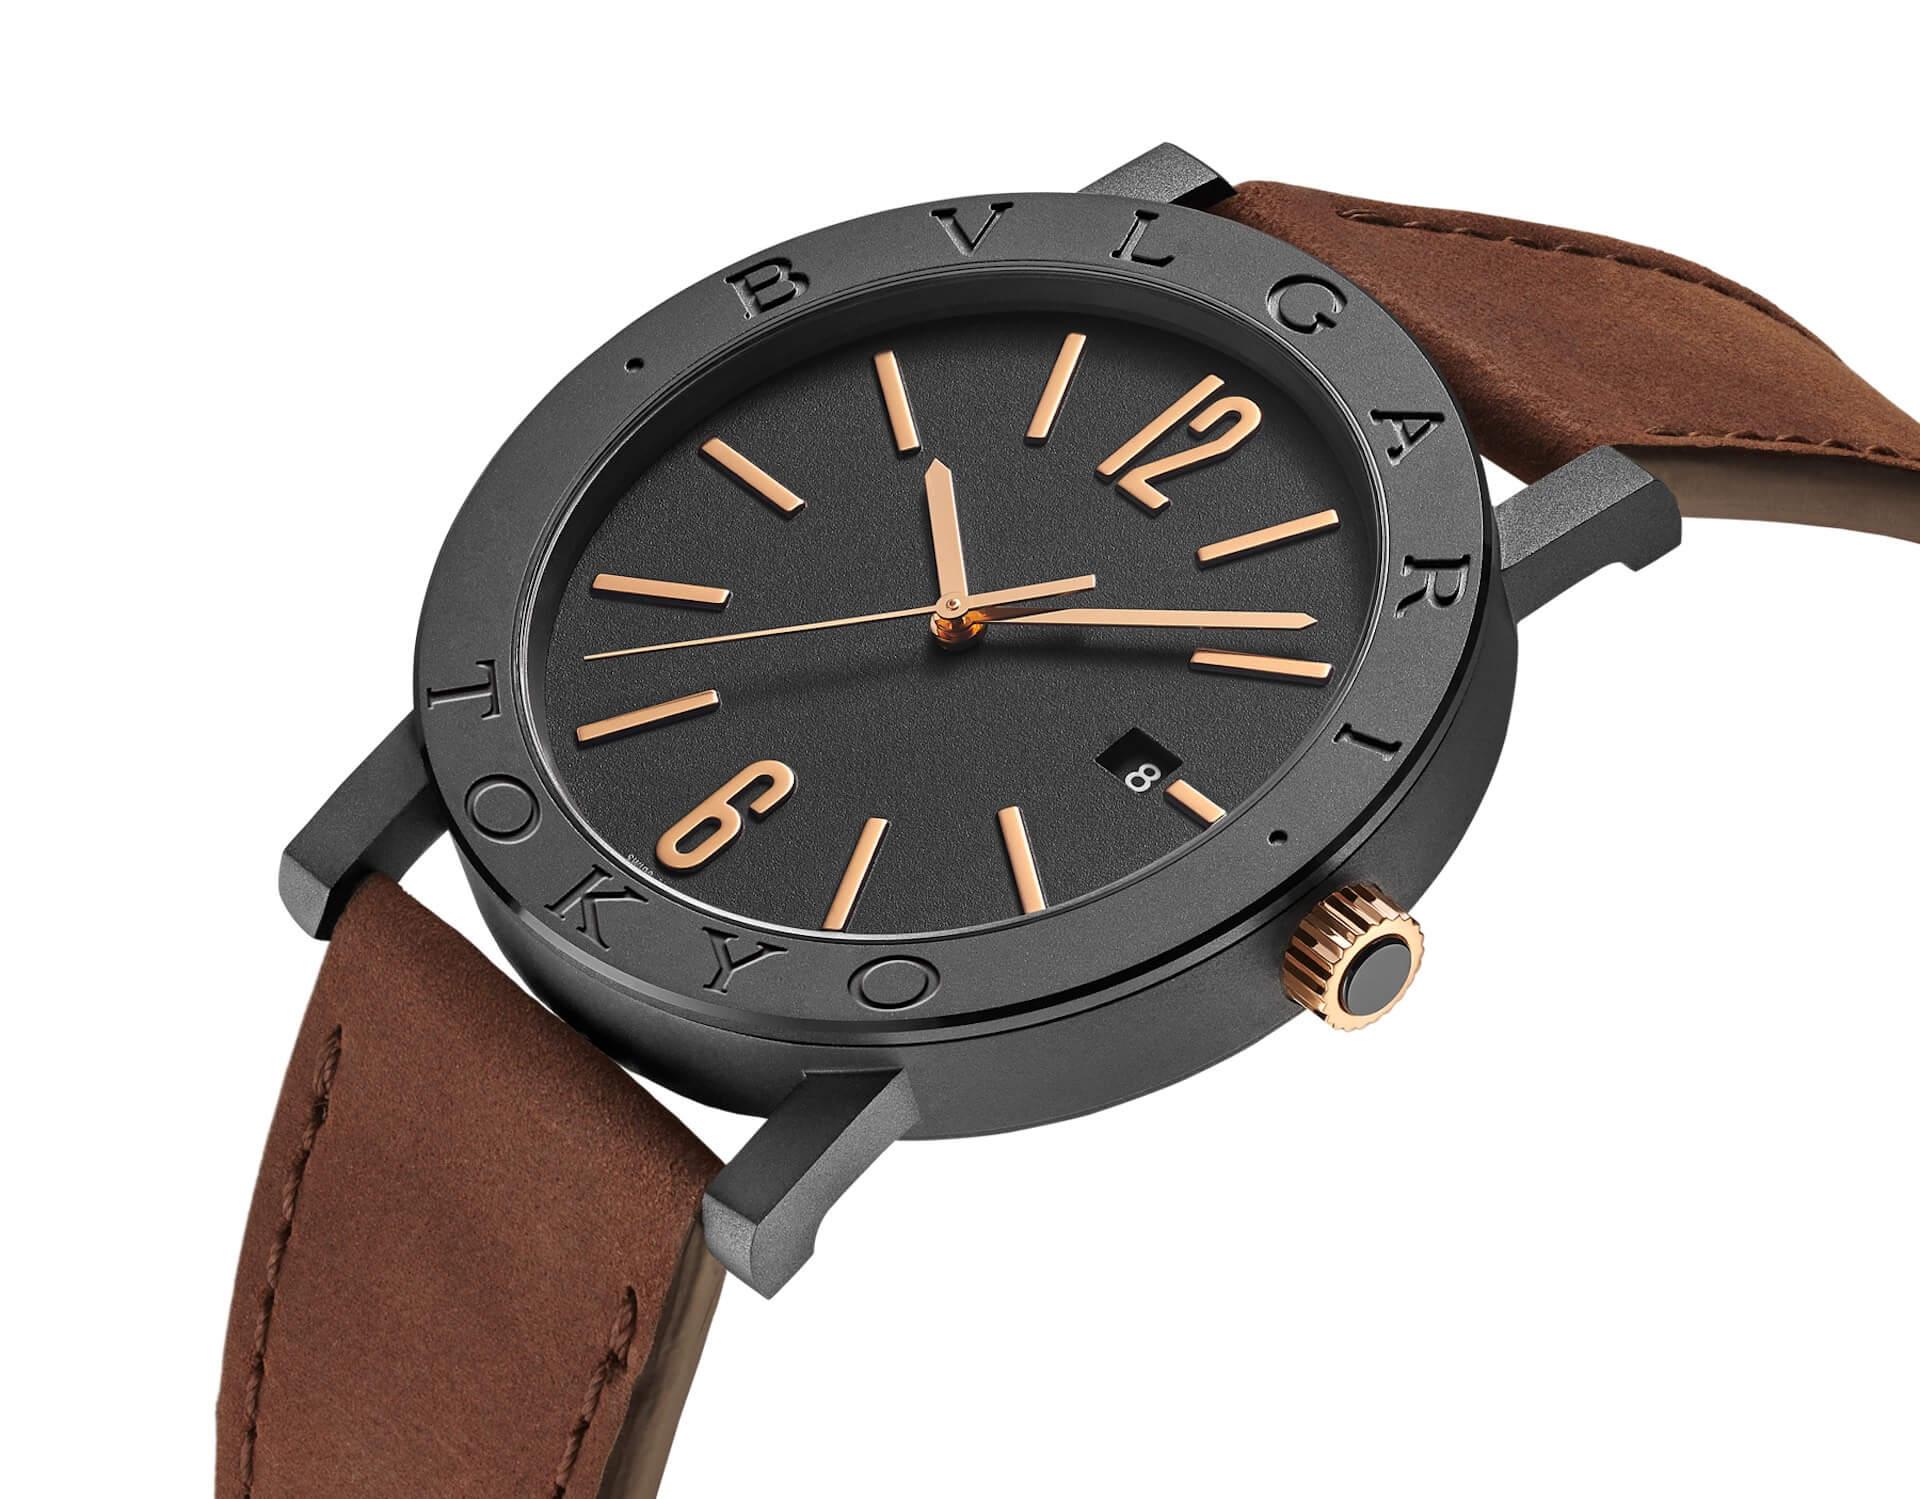 BVLGARIから腕時計「シティーズ限定モデル 2020」よりTOKYOモデルが先行発売決定!アートプリントが付属 lf200702_bvlgari_tokyowatch_03